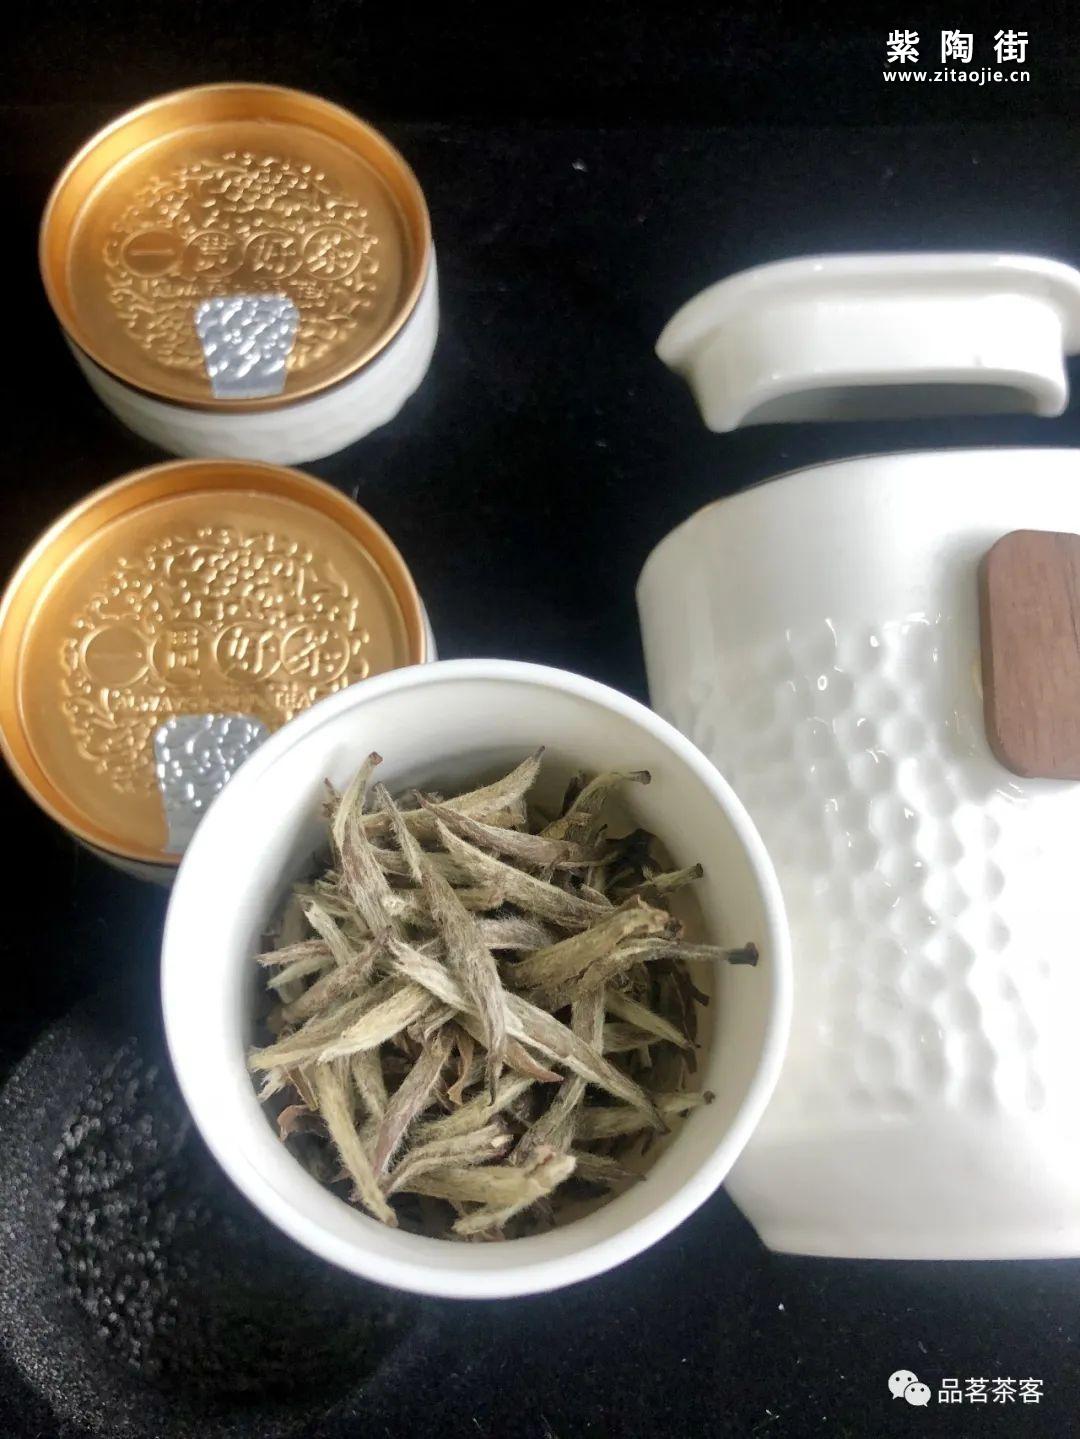 泡茶和煮茶的区别插图6